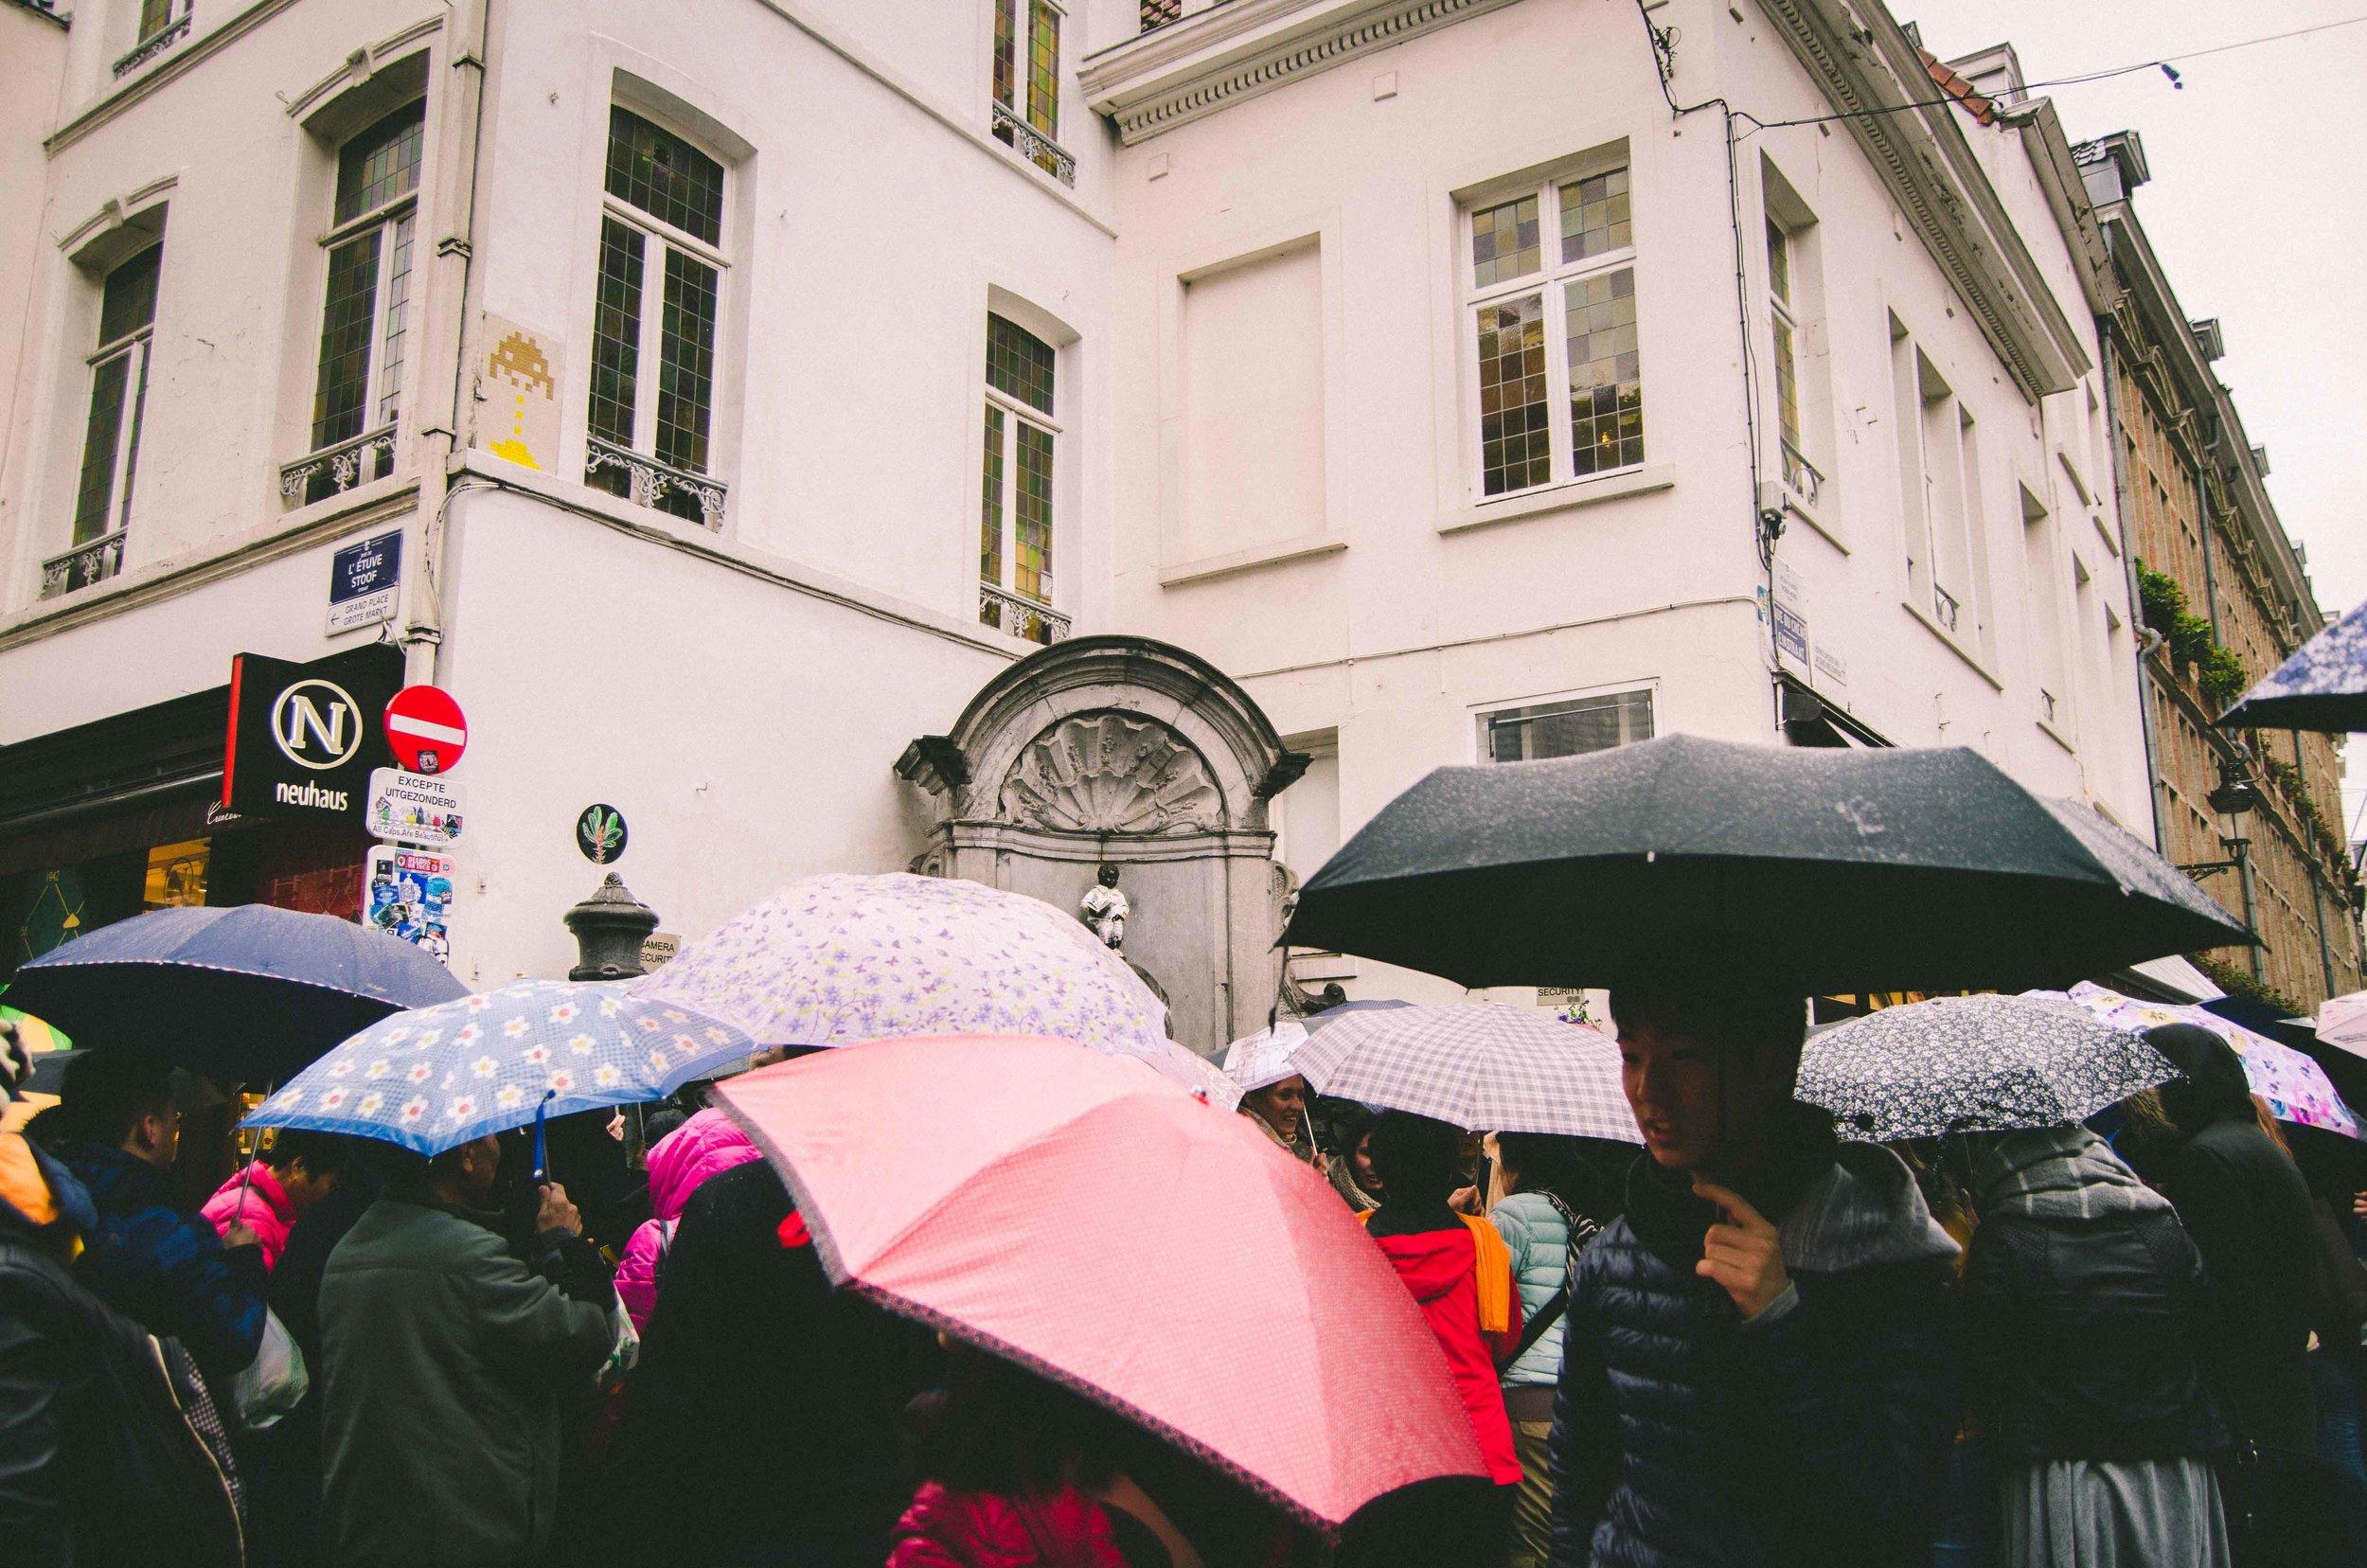 Crowd around Manneken Pis